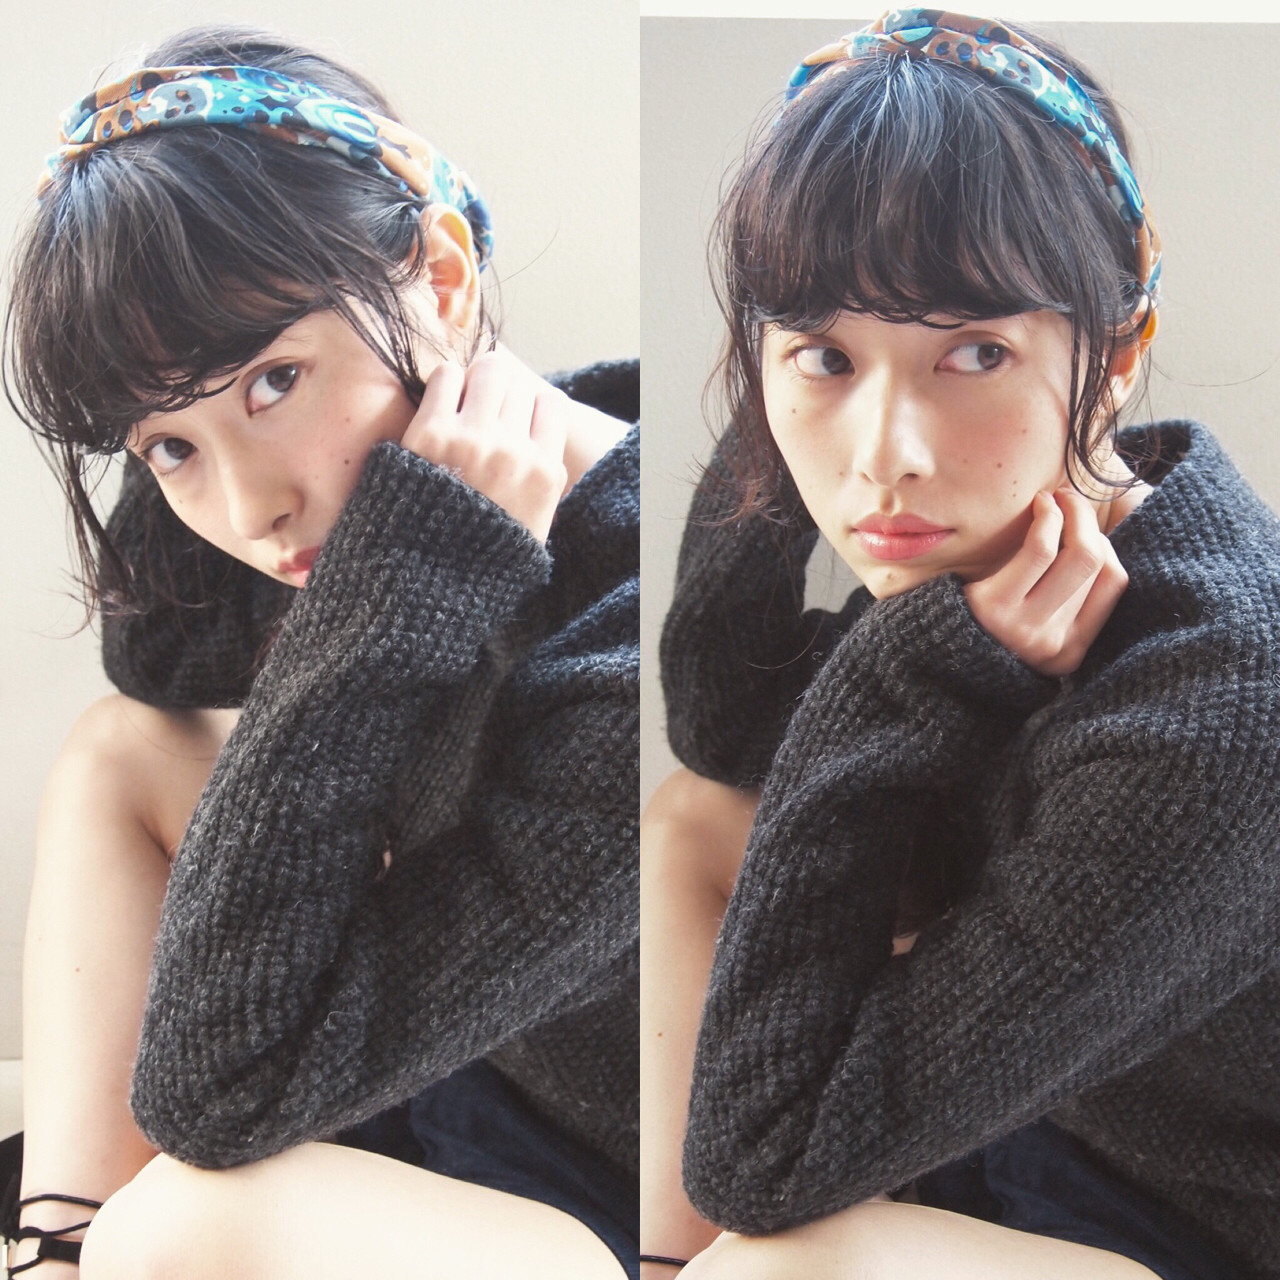 レトロが流行ってる今だから。絶対挑戦したくなるスカーフアレンジ! UEKI/nanuk